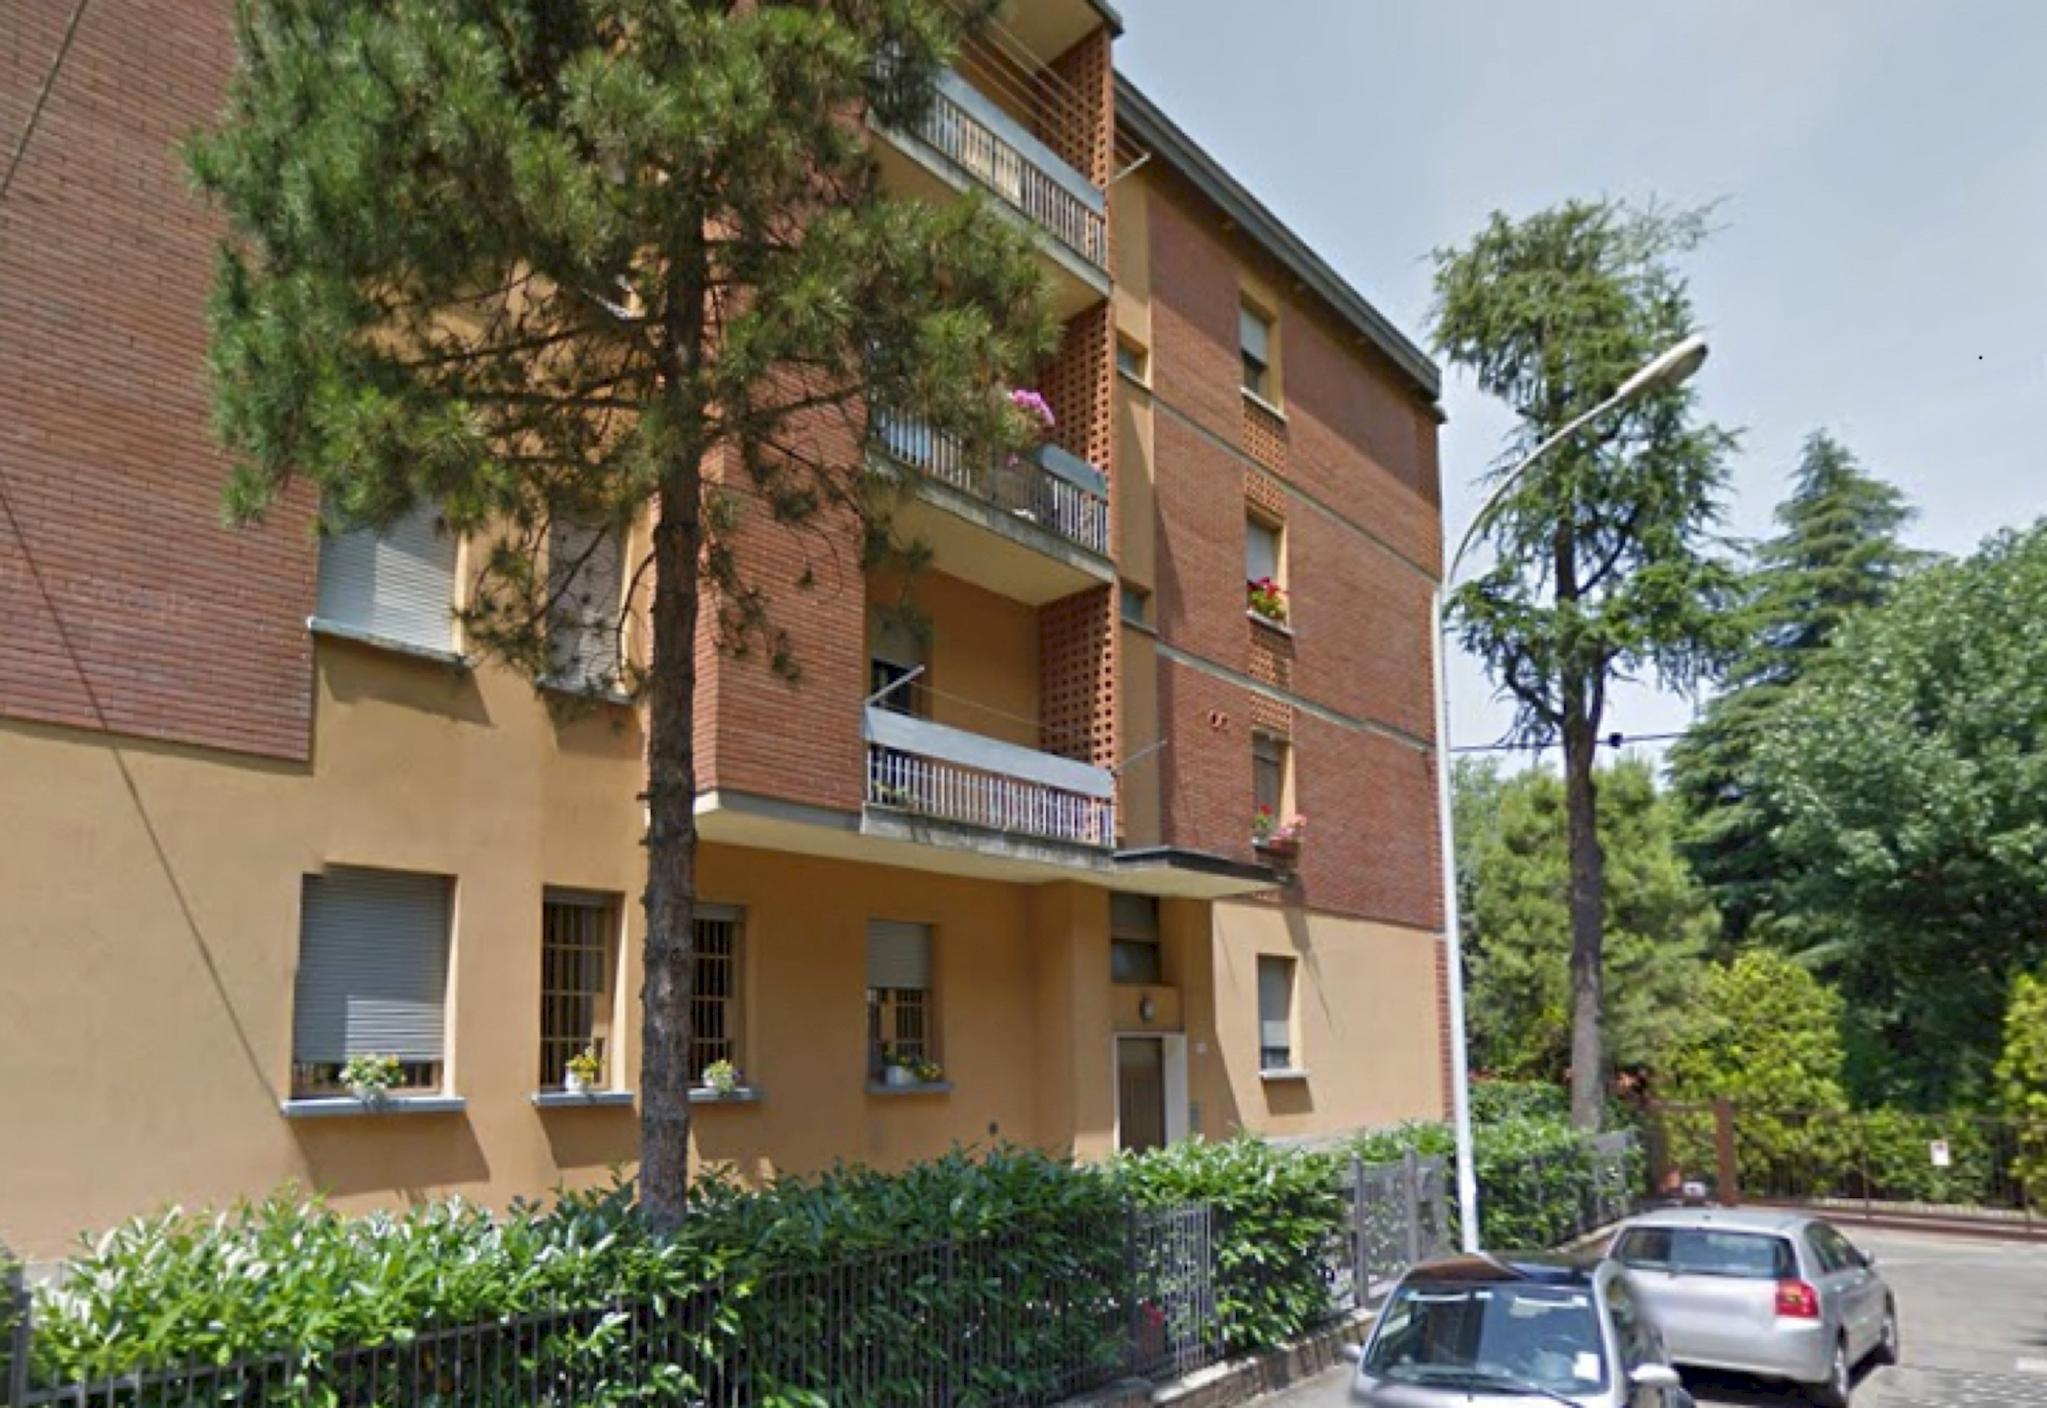 Bologna, Italien Lejlighed #RU127339